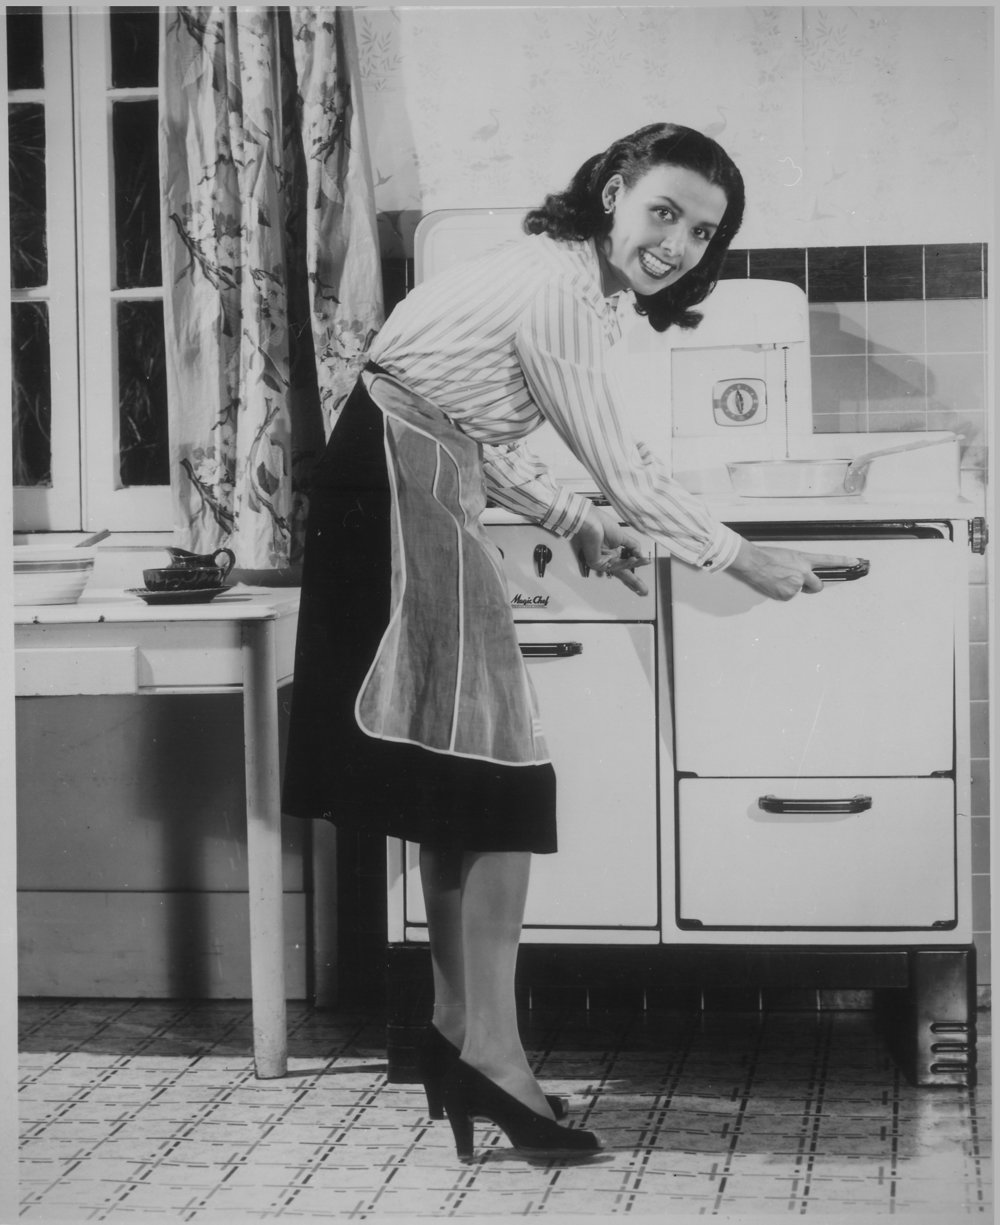 _Lena_Horne_conserves_fuel_(gas)._,_ca._1941_-_ca._1945_-_NARA_-_535820.jpg